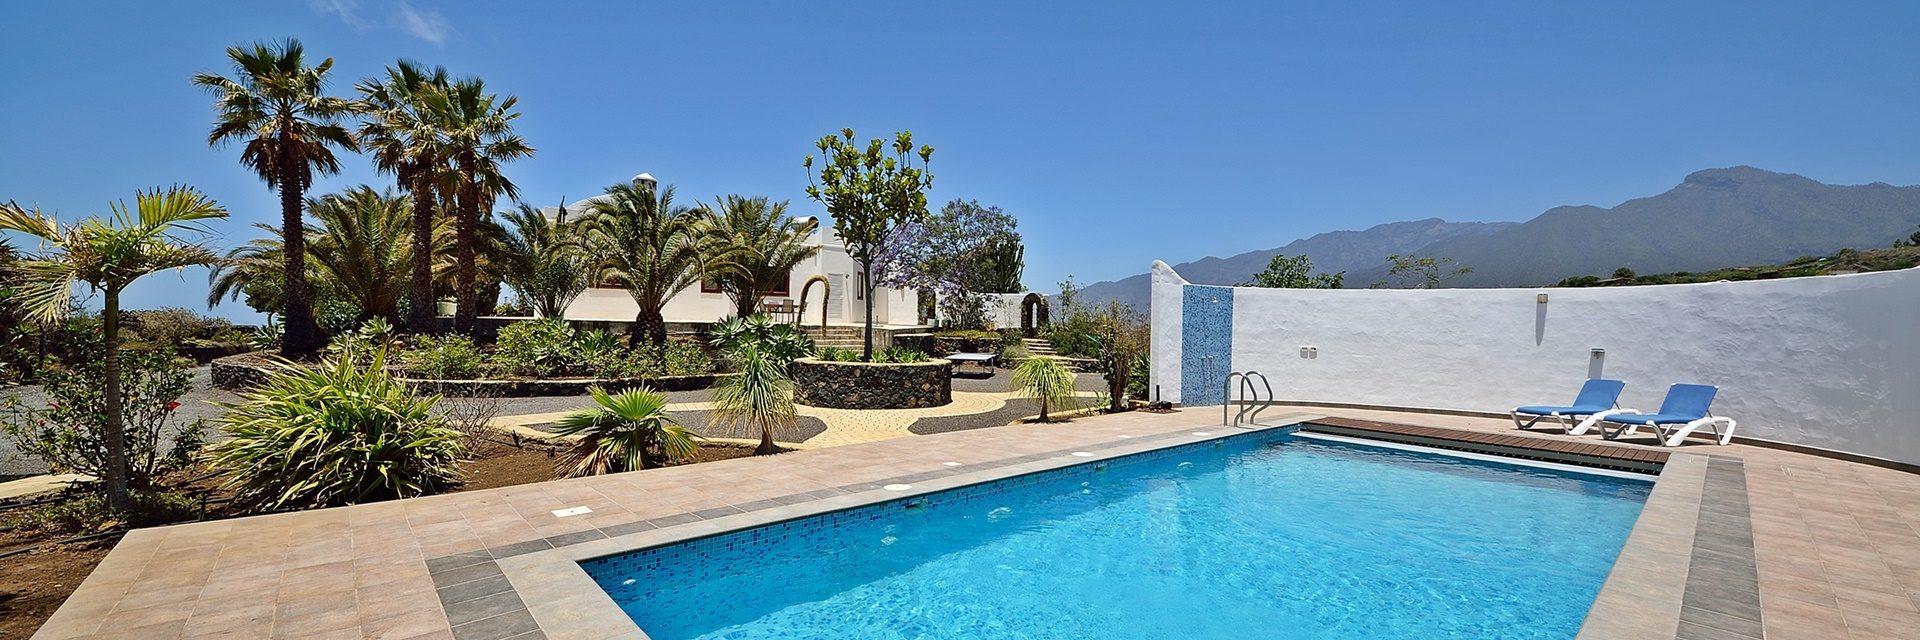 Ferienvilla Casablanca - La Palma - Kanarische Inseln